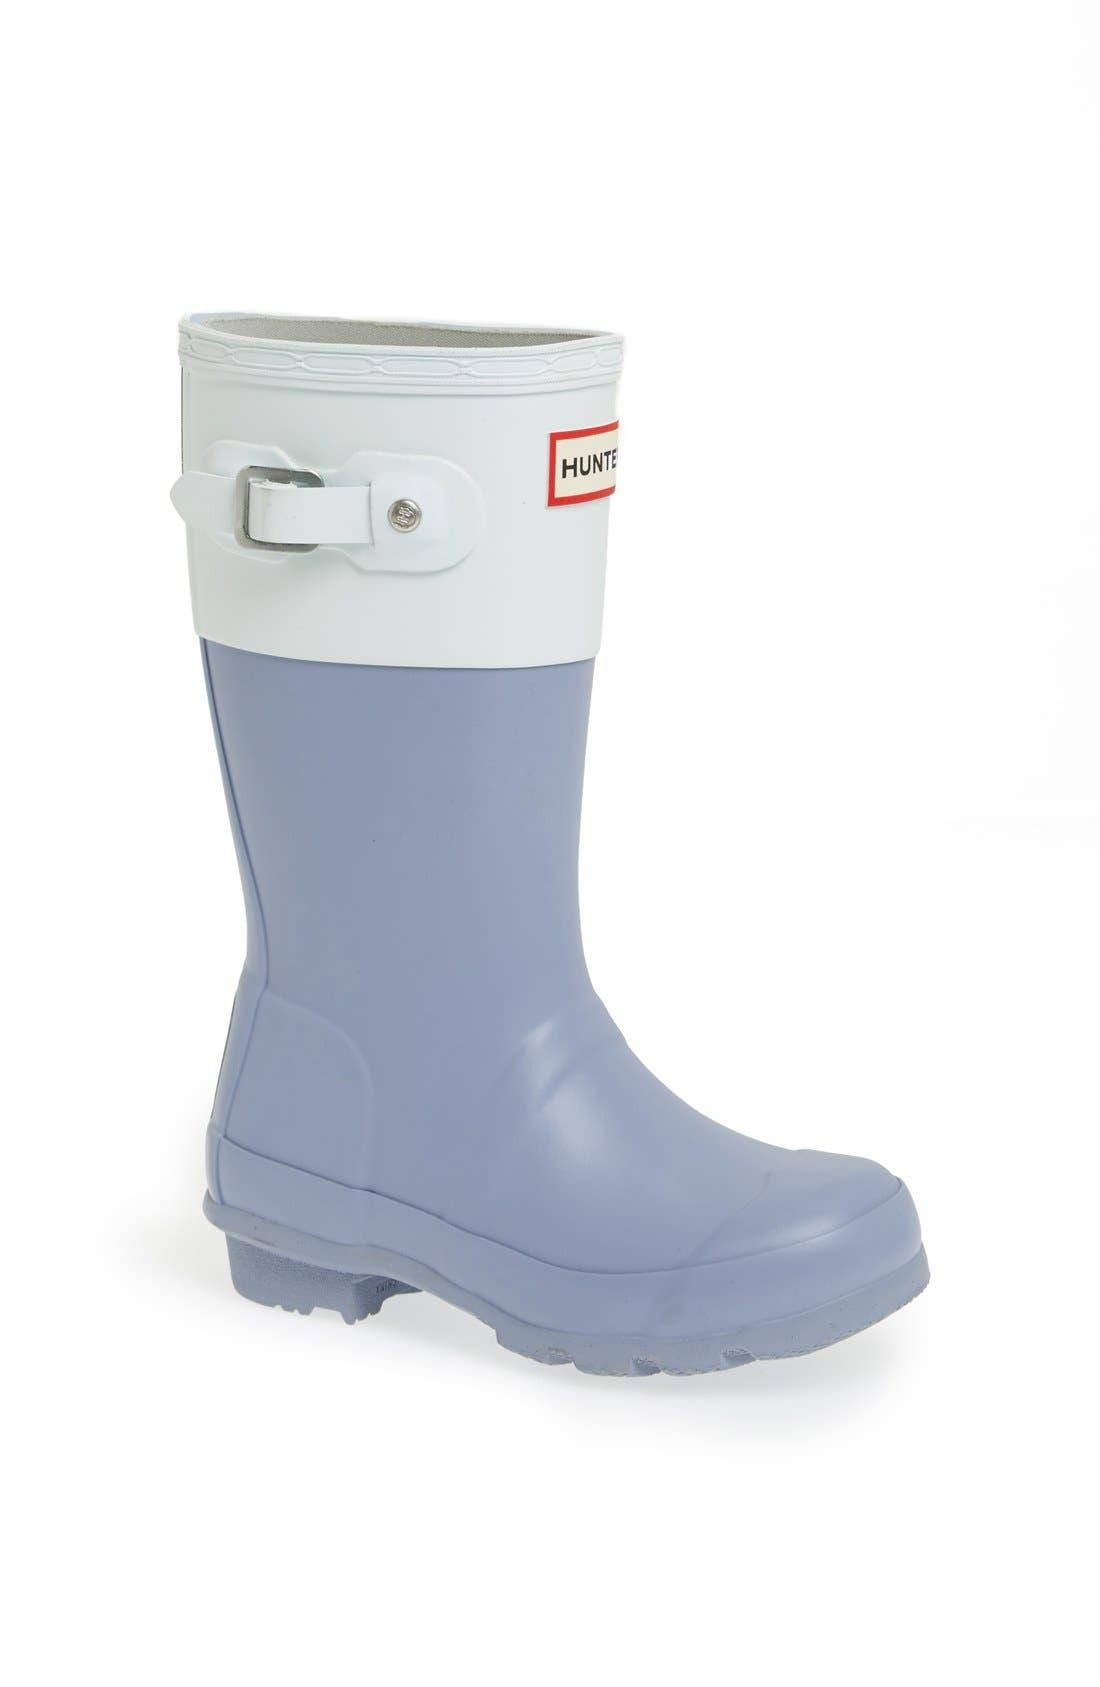 Alternate Image 1 Selected - Hunter 'Original Color Block' Rain Boot (Toddler & Little Kid)